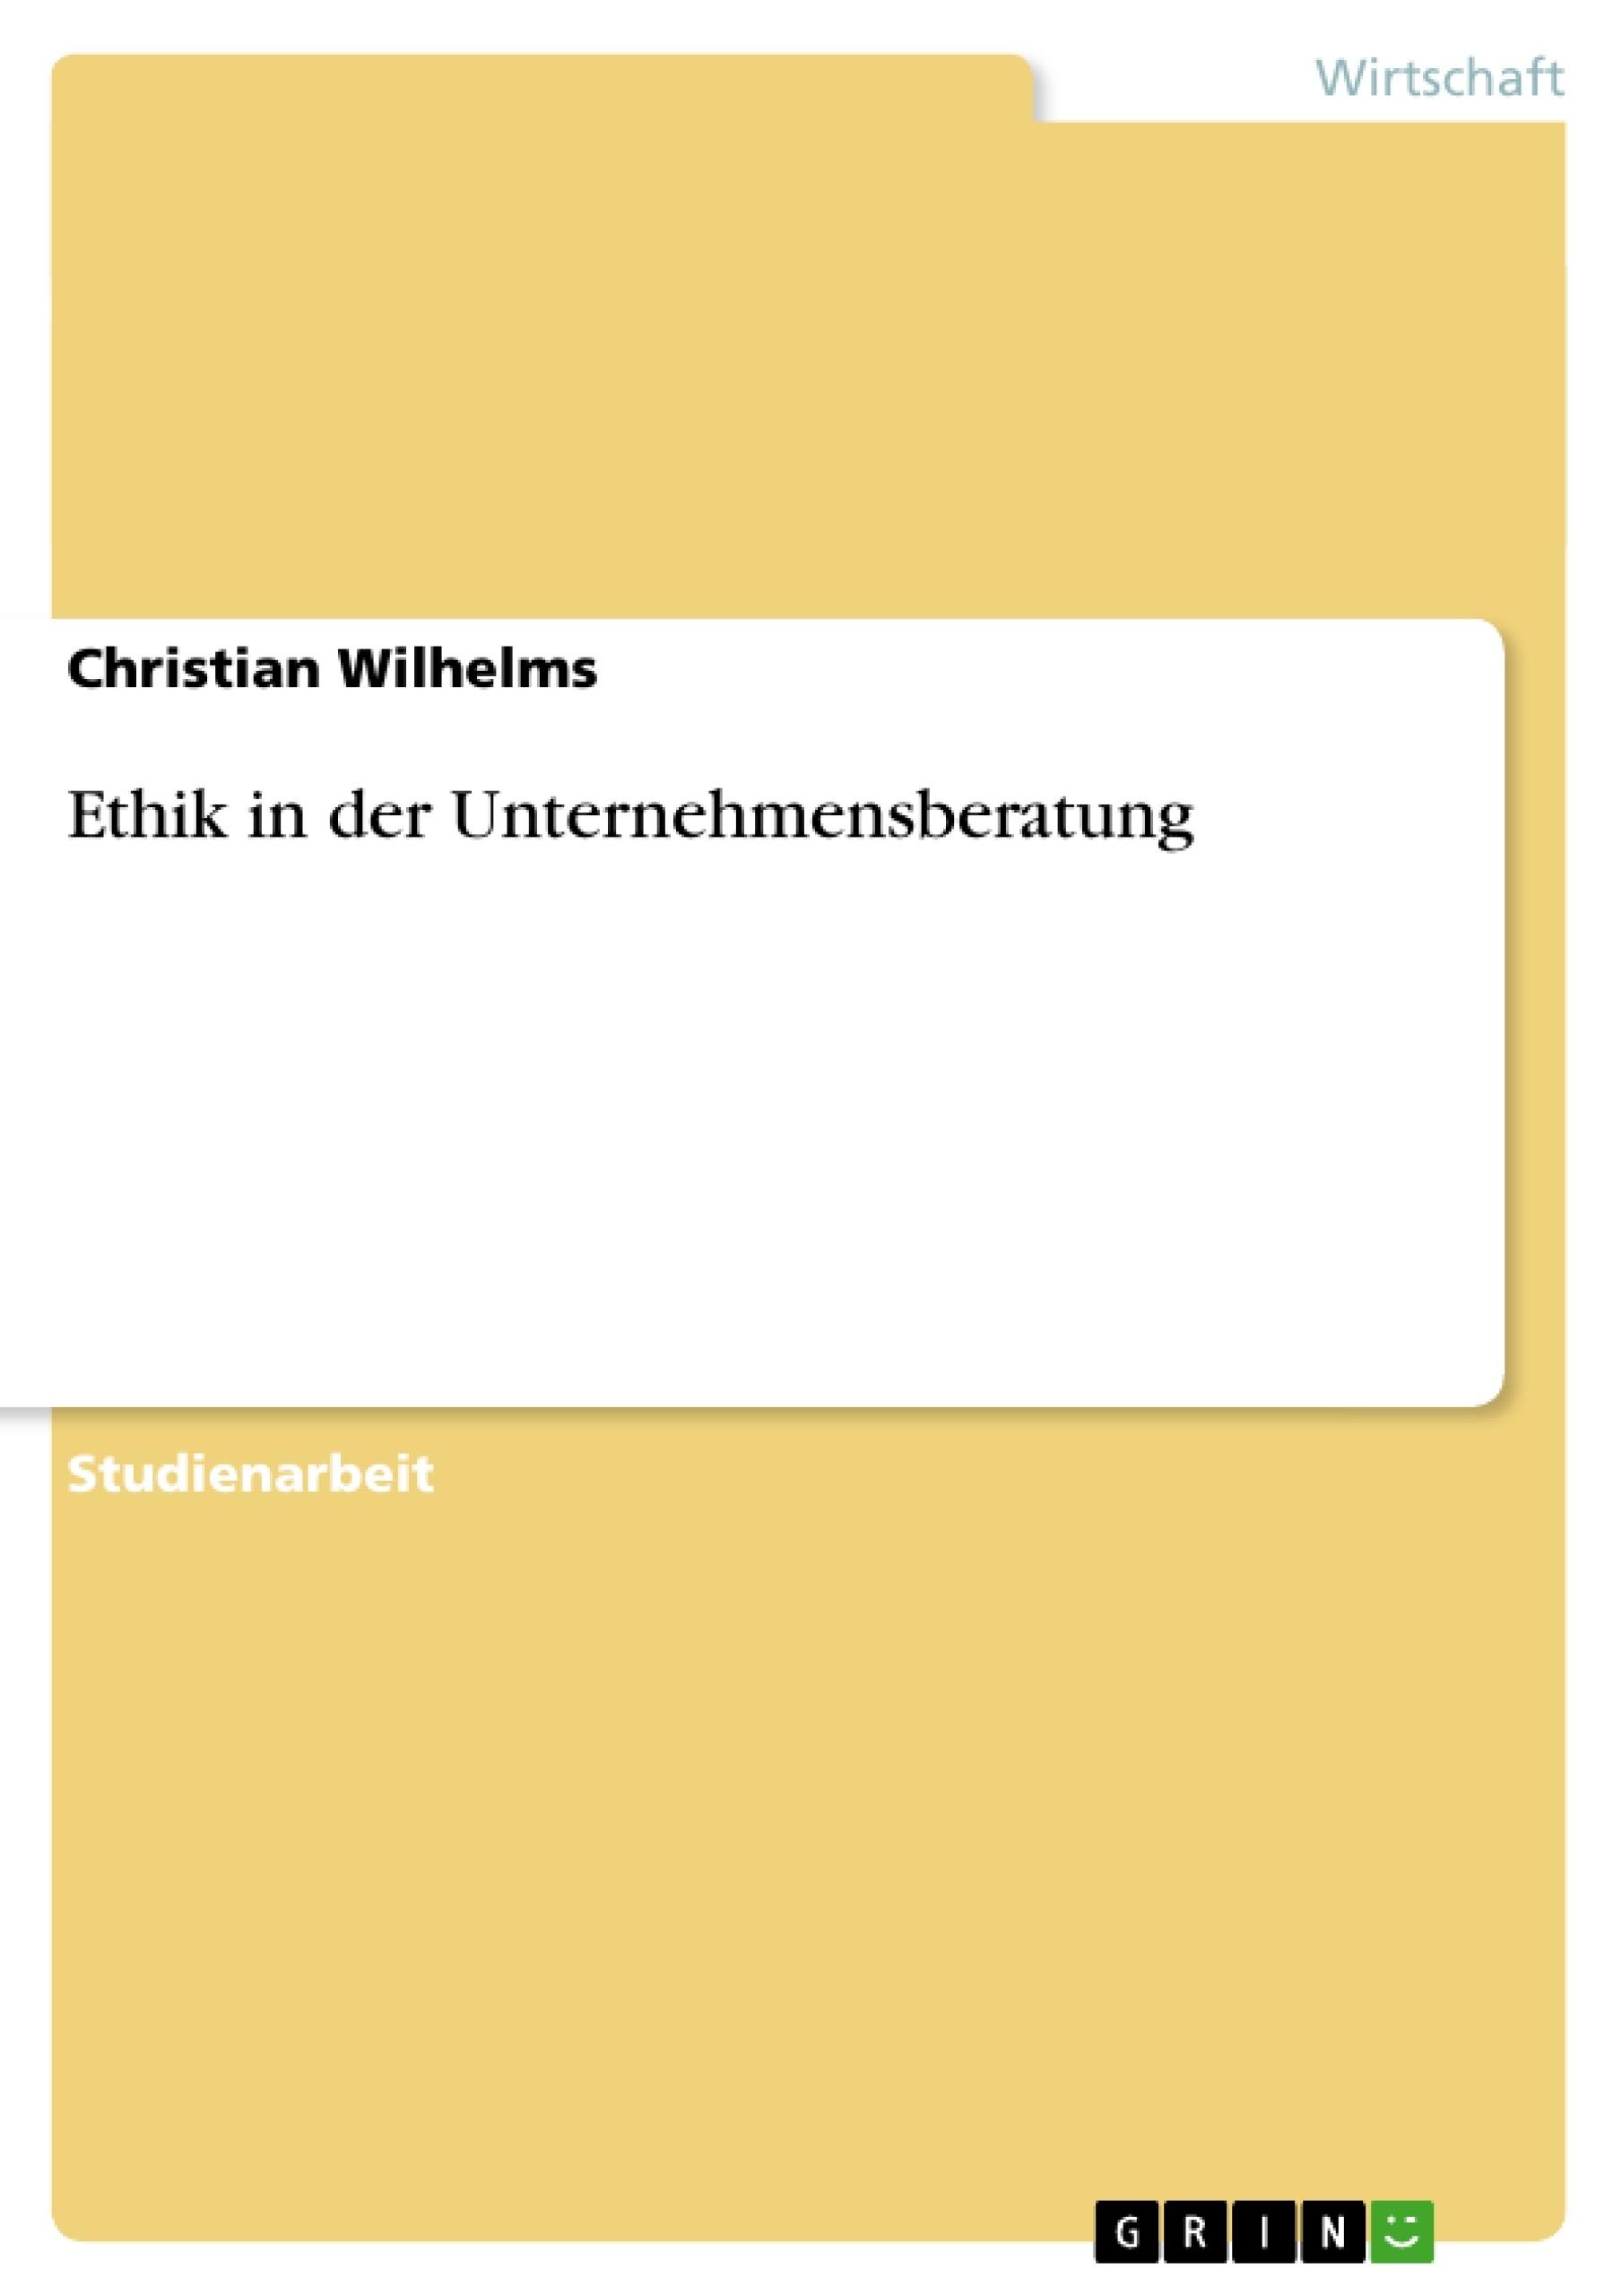 Titel: Ethik in der Unternehmensberatung